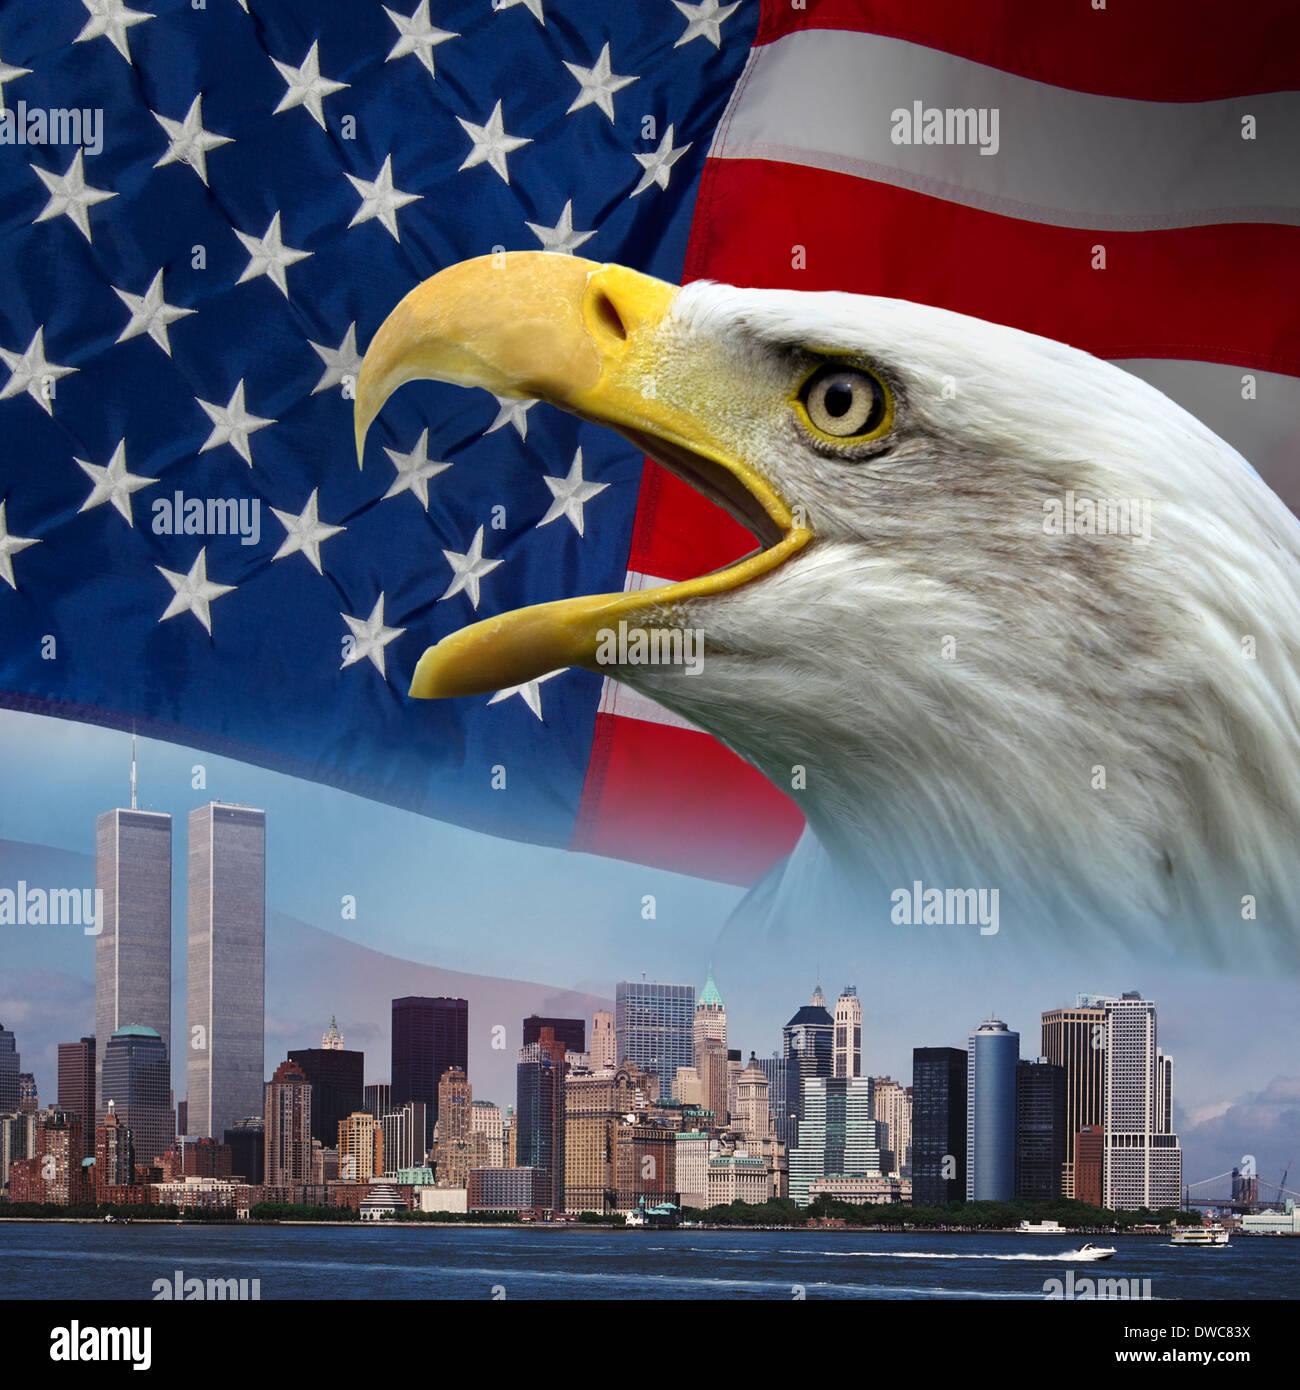 Patriotischen Symbolen zu 9 / 11 erinnern Stockbild